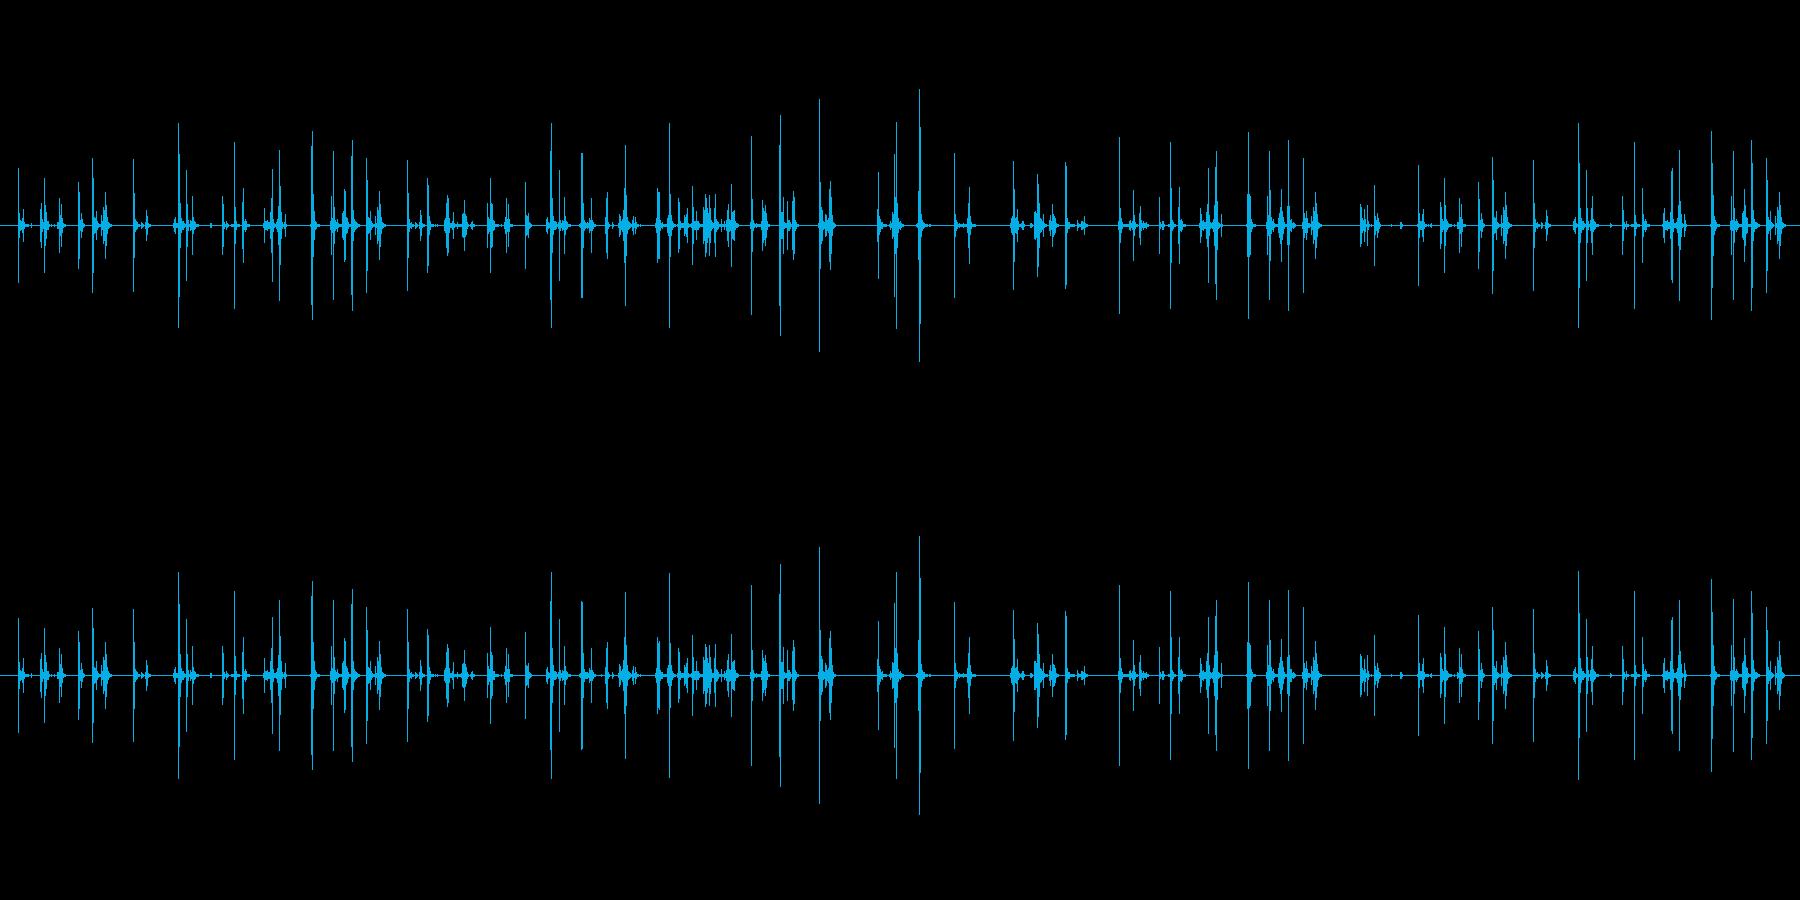 【PC キーボード01-2】の再生済みの波形